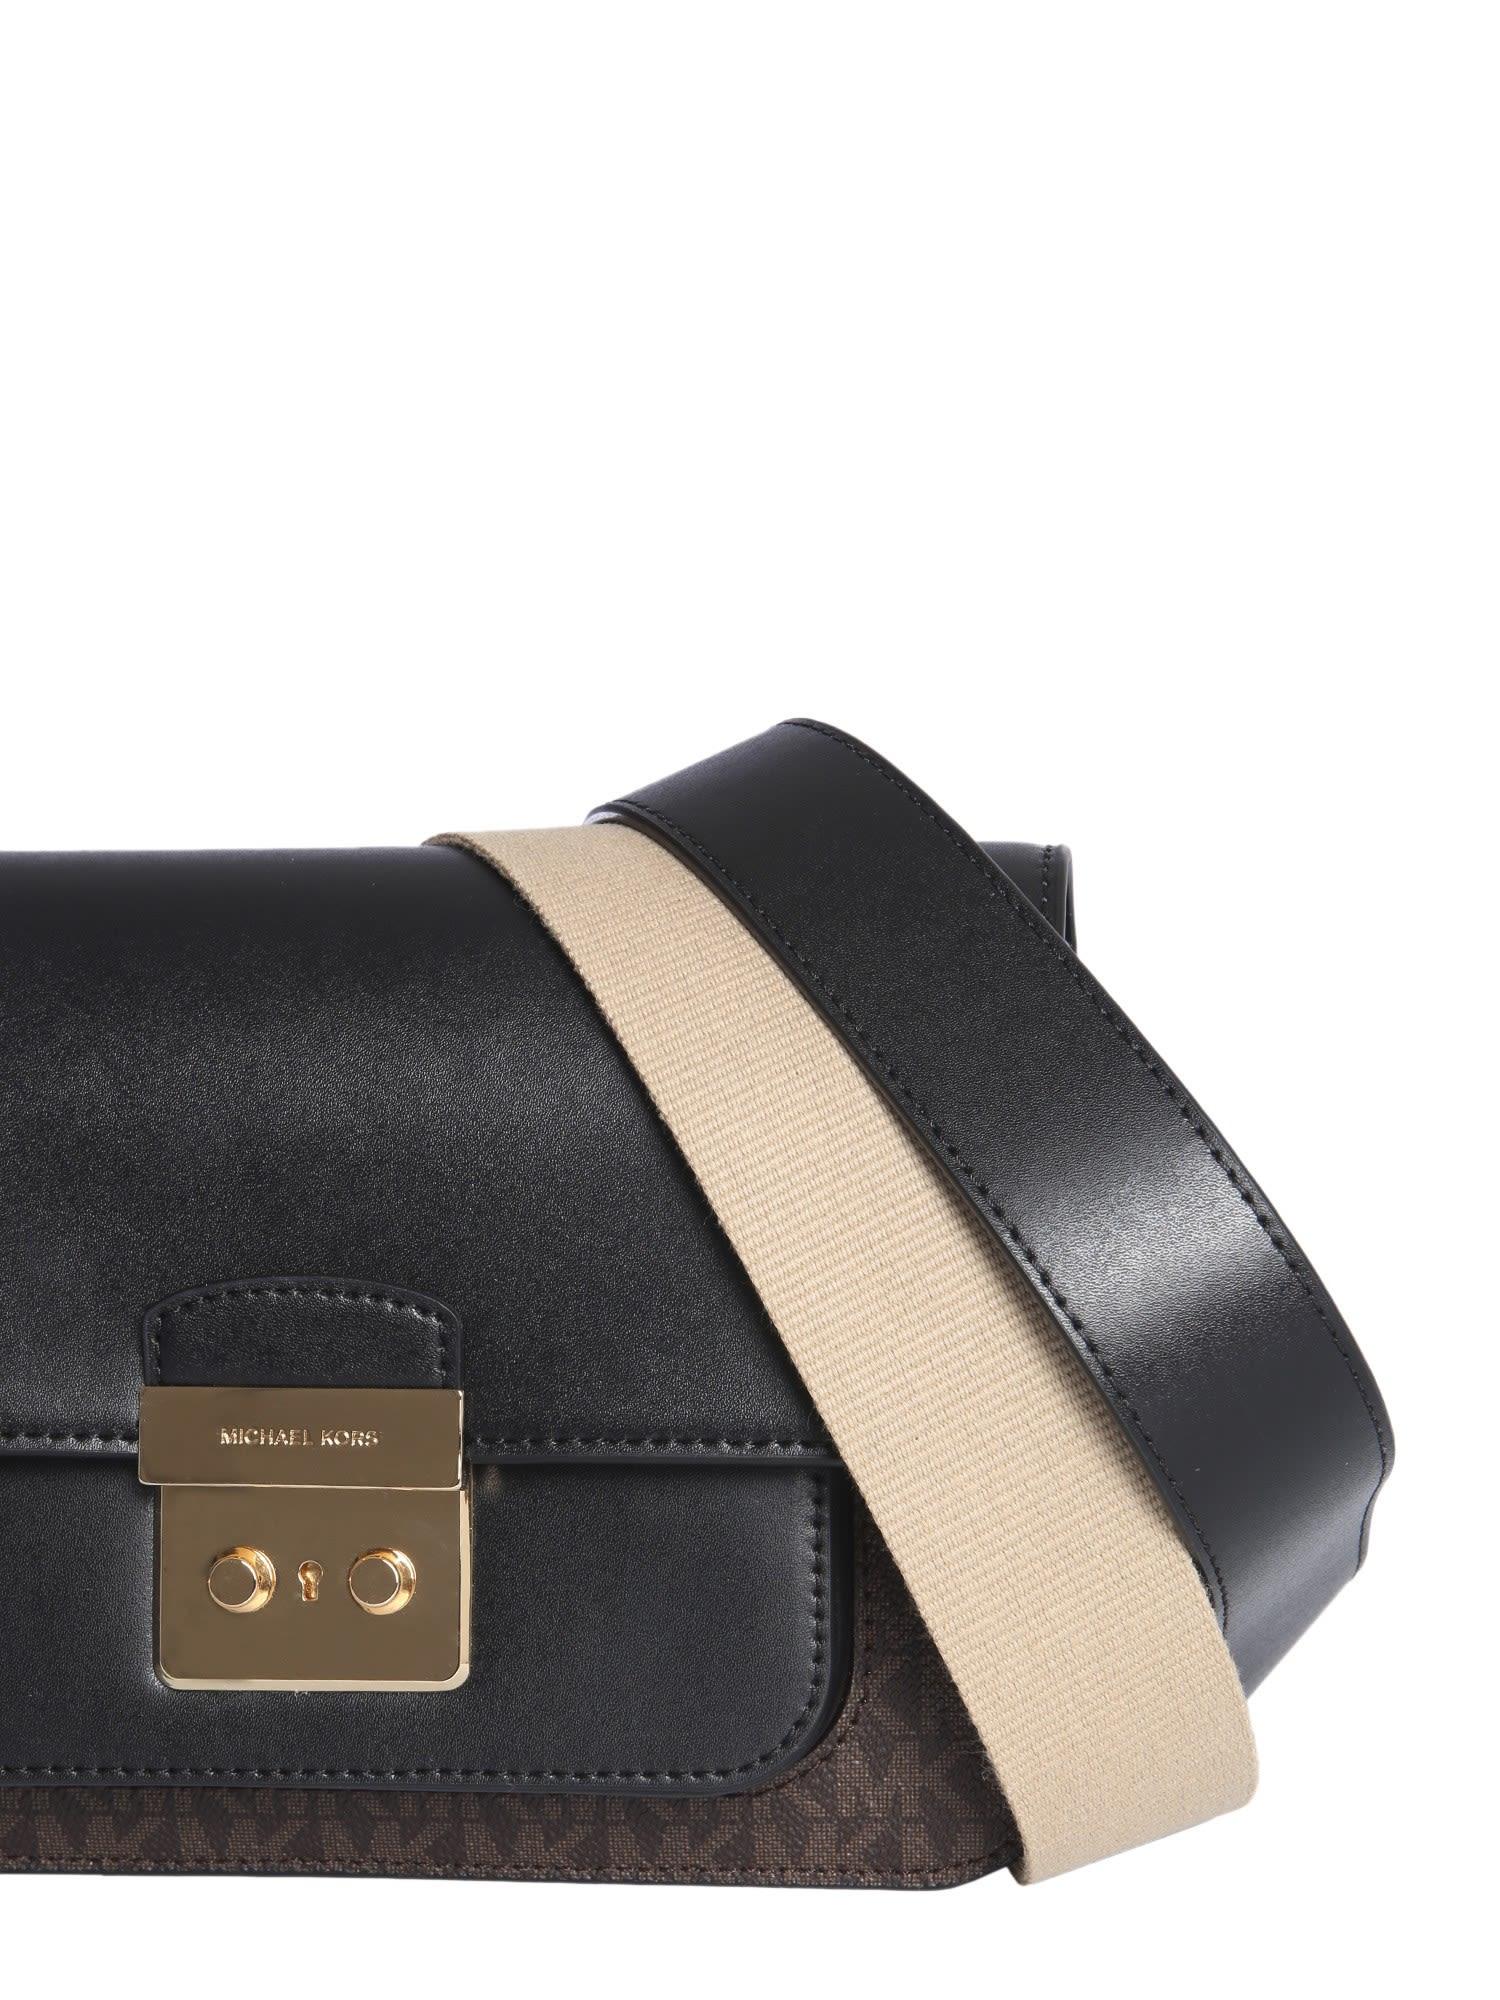 106191cacbf9 MICHAEL Michael Kors MICHAEL Michael Kors Sloan Small Editor Bag ...